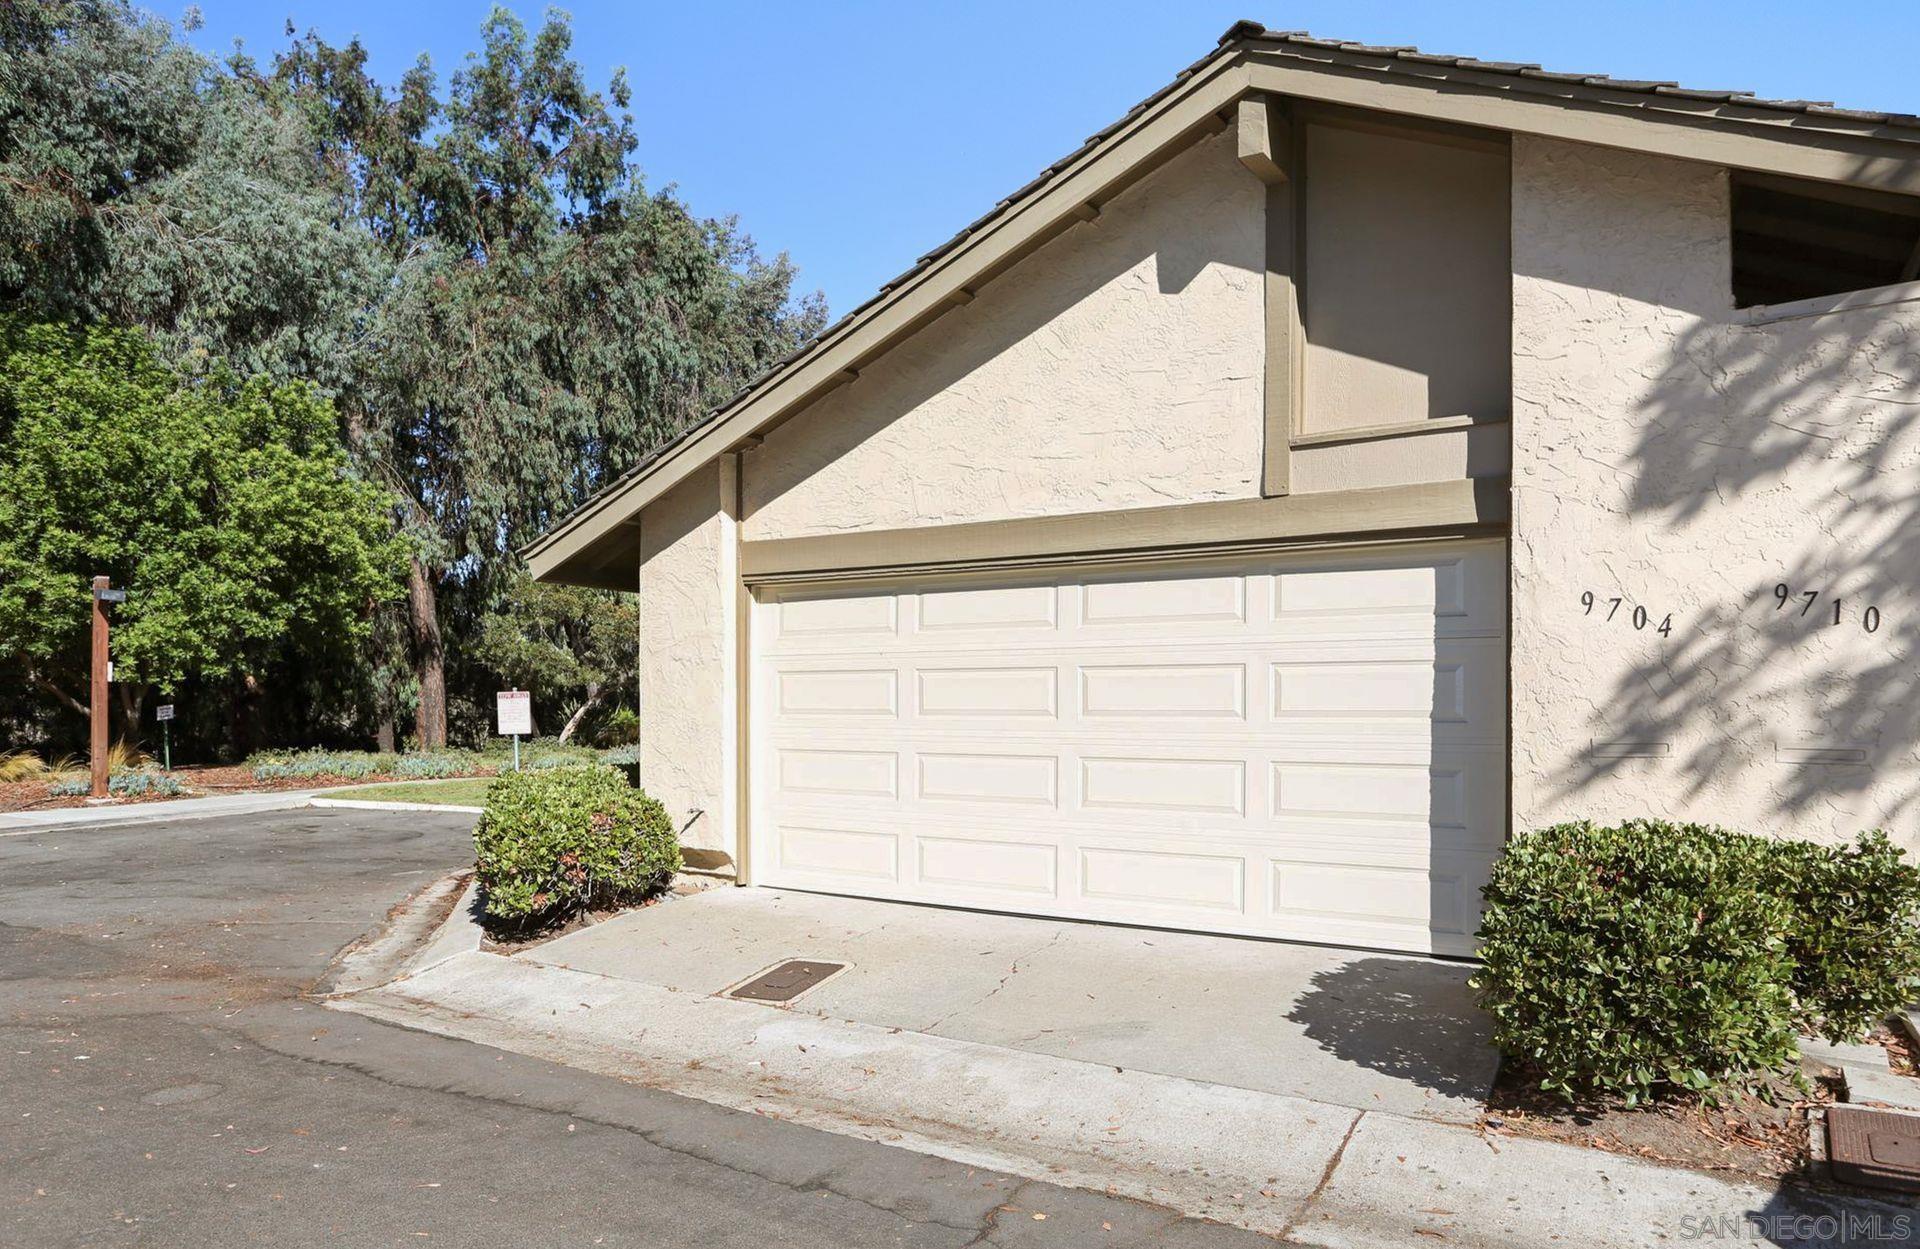 9704 Caminito De La Fada, San Diego, CA 92124